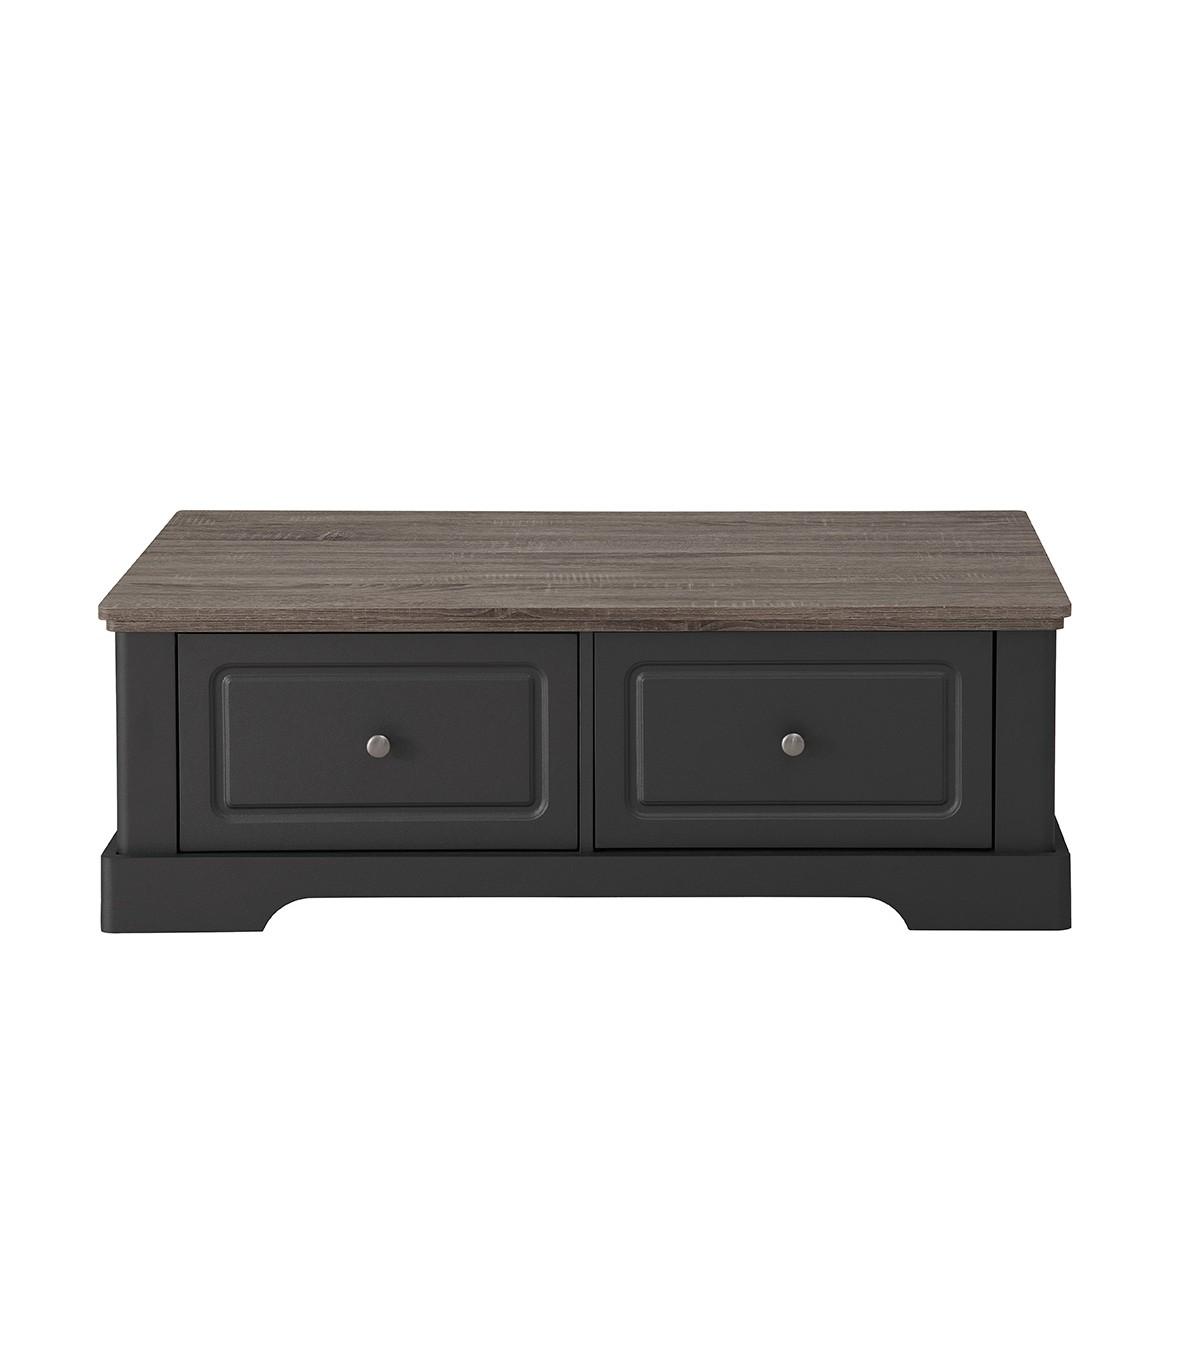 Table basse en bois avec 2 grands tiroirs L114,5cm - Taupe